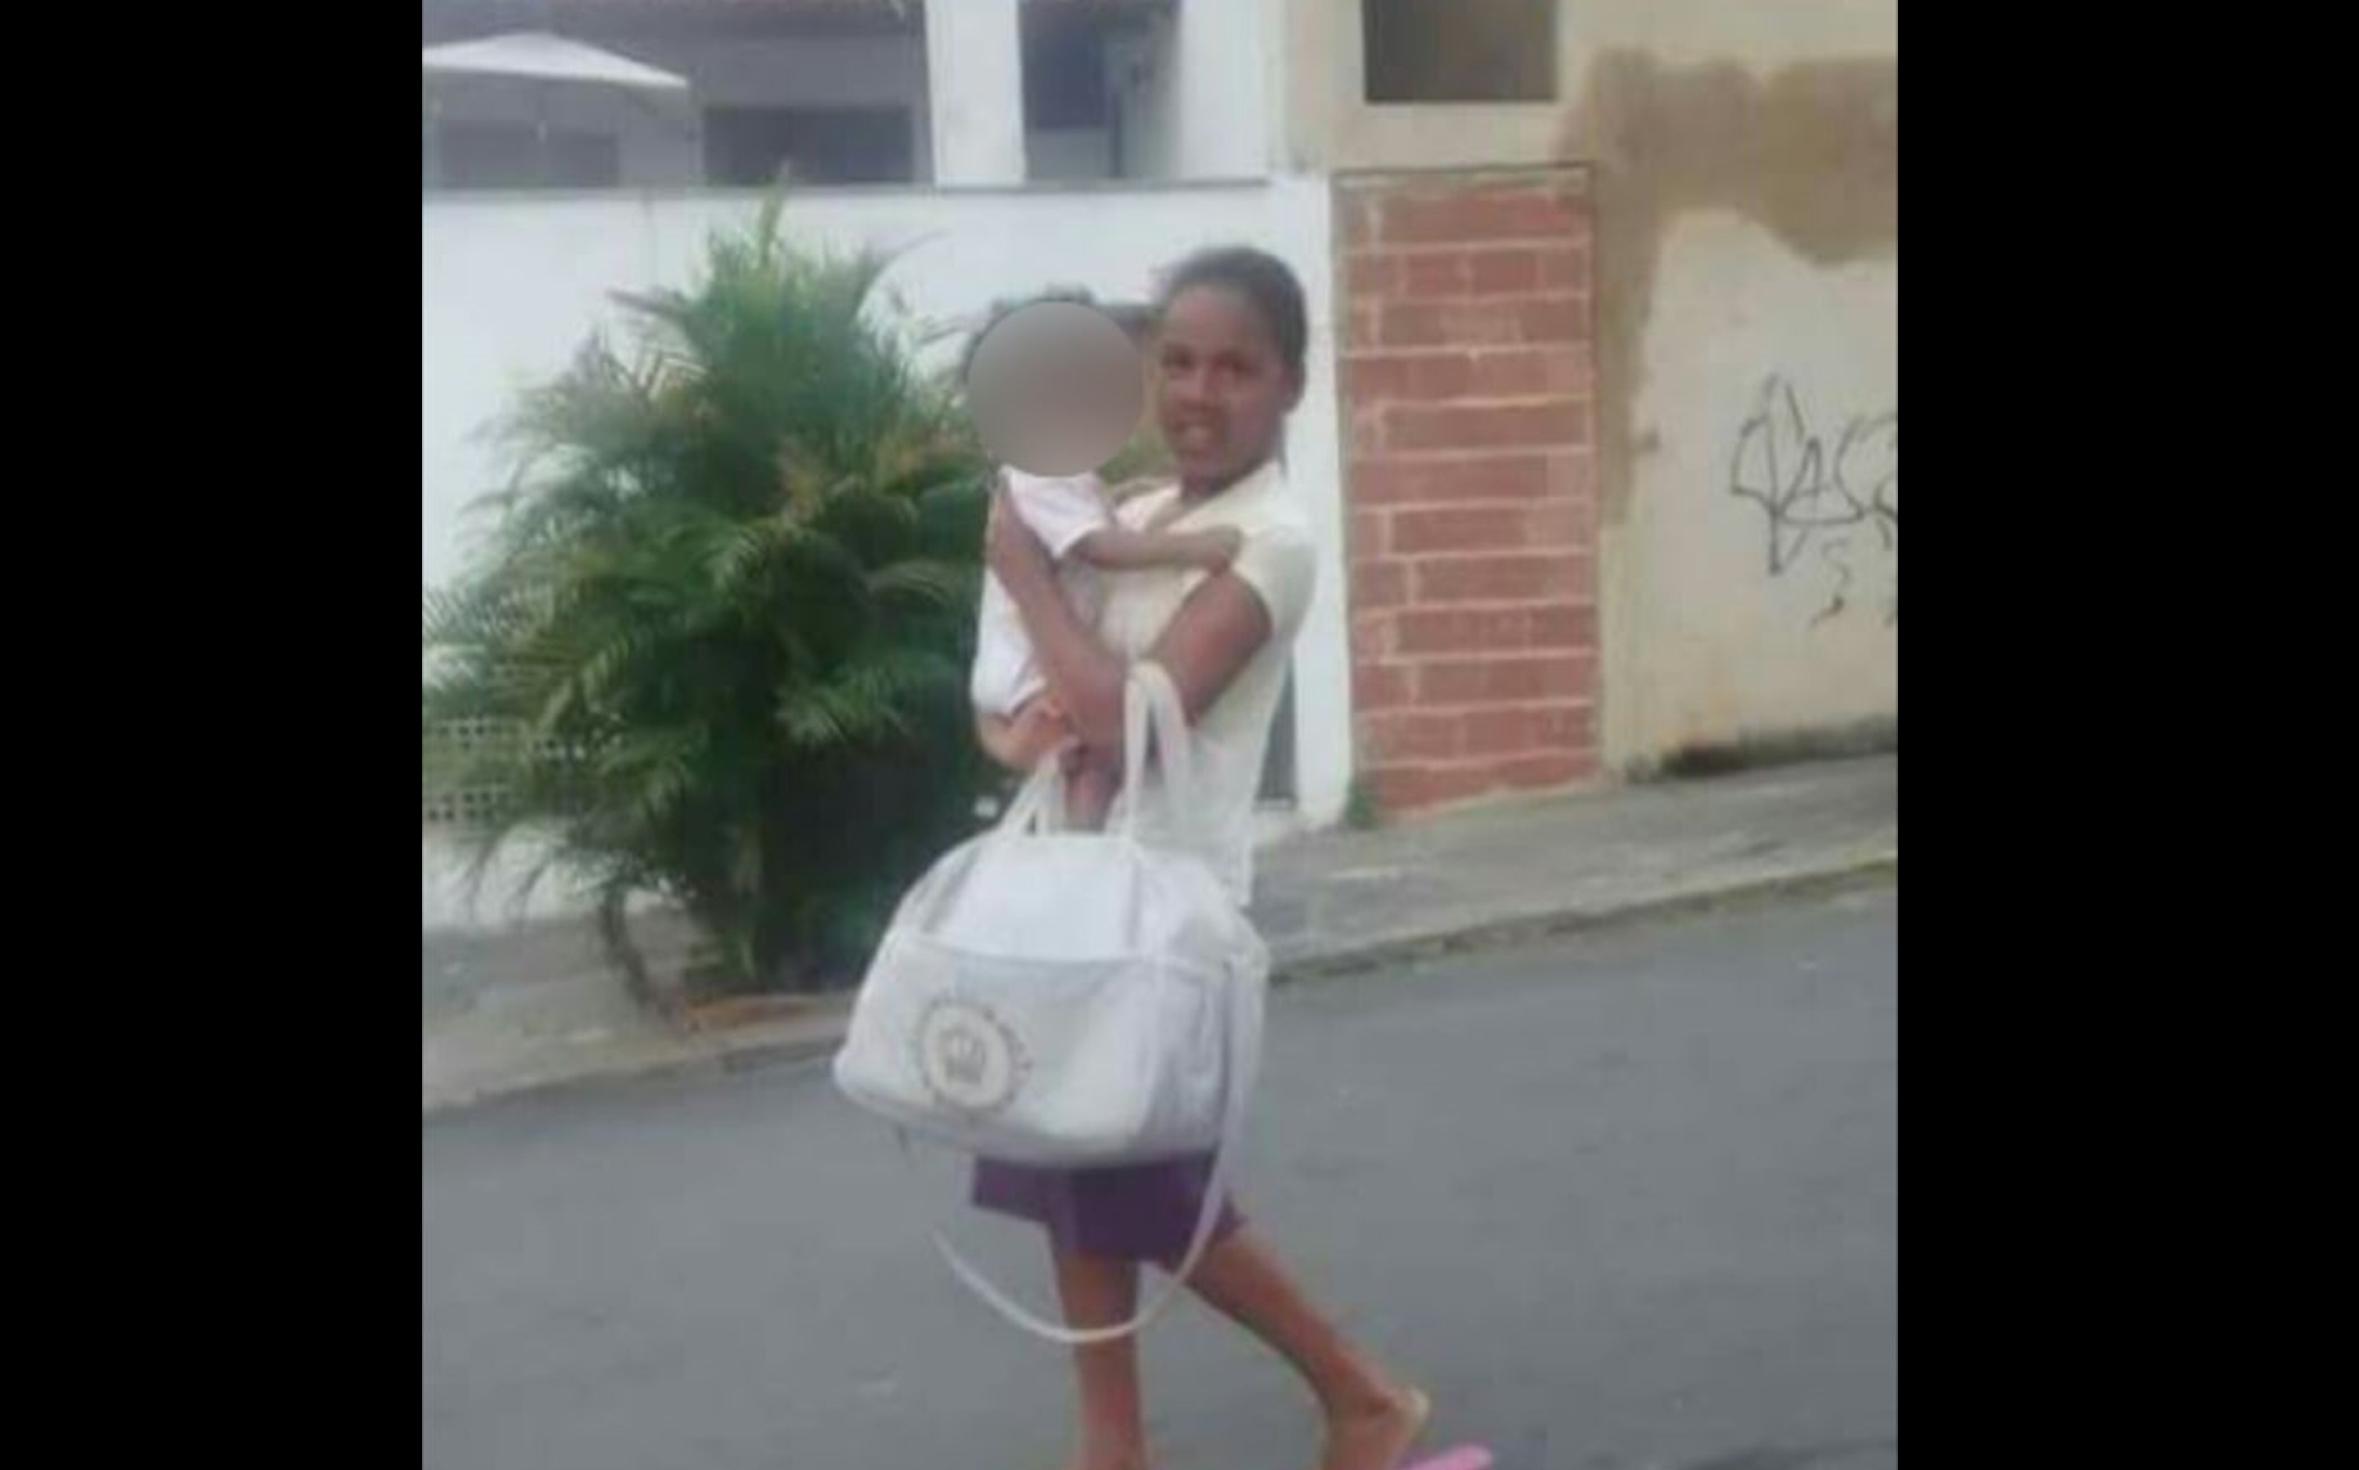 Jovem de 11 anos é encontrada morta com sinais de abuso sexual em Inhaúma